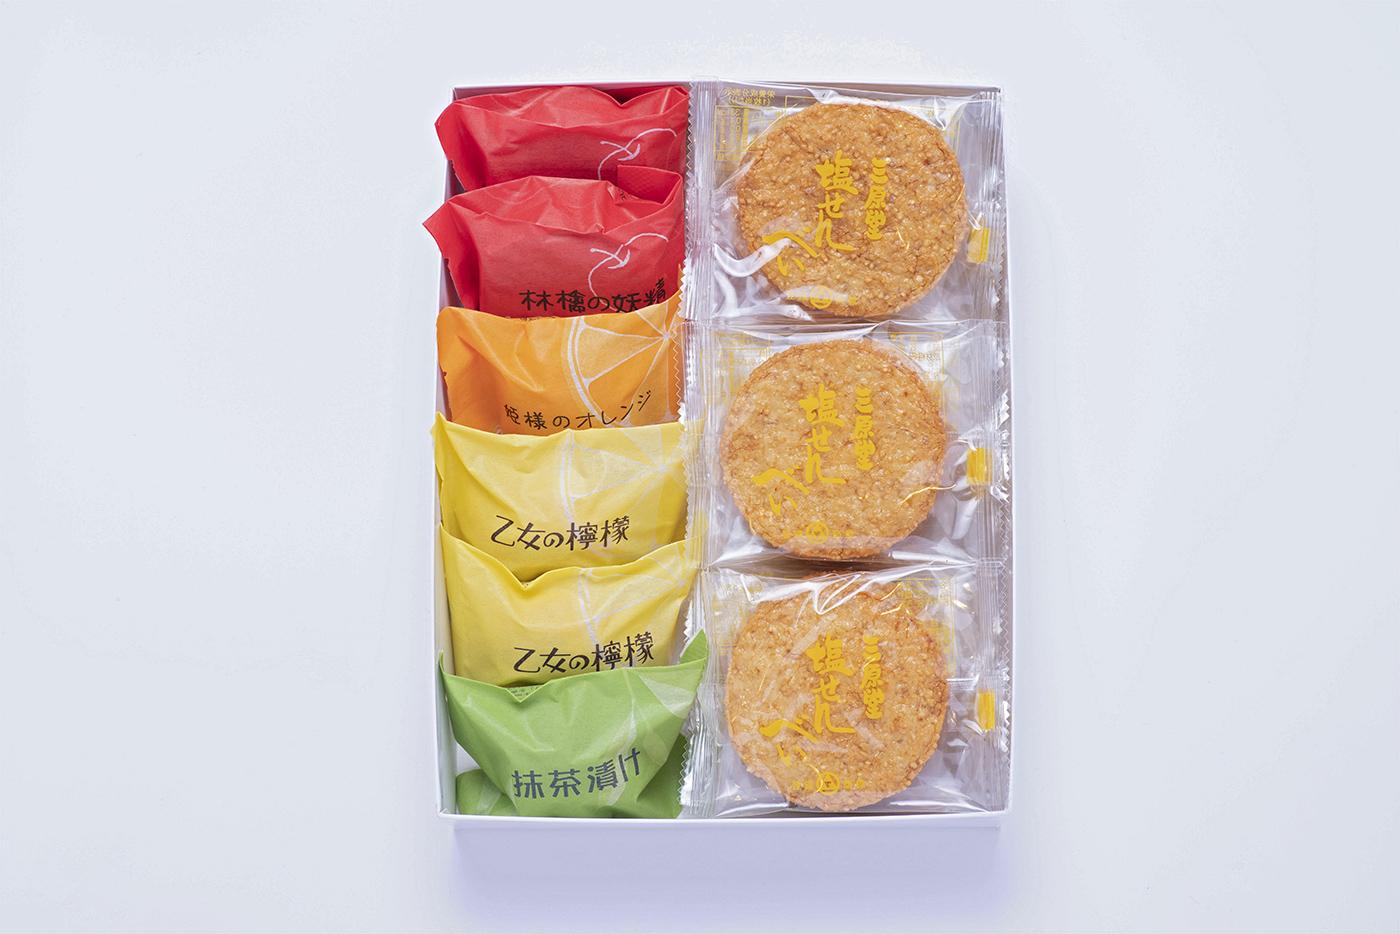 焼菓子と塩せんべいの詰め合わせ ほんごうみはらどう きくざか